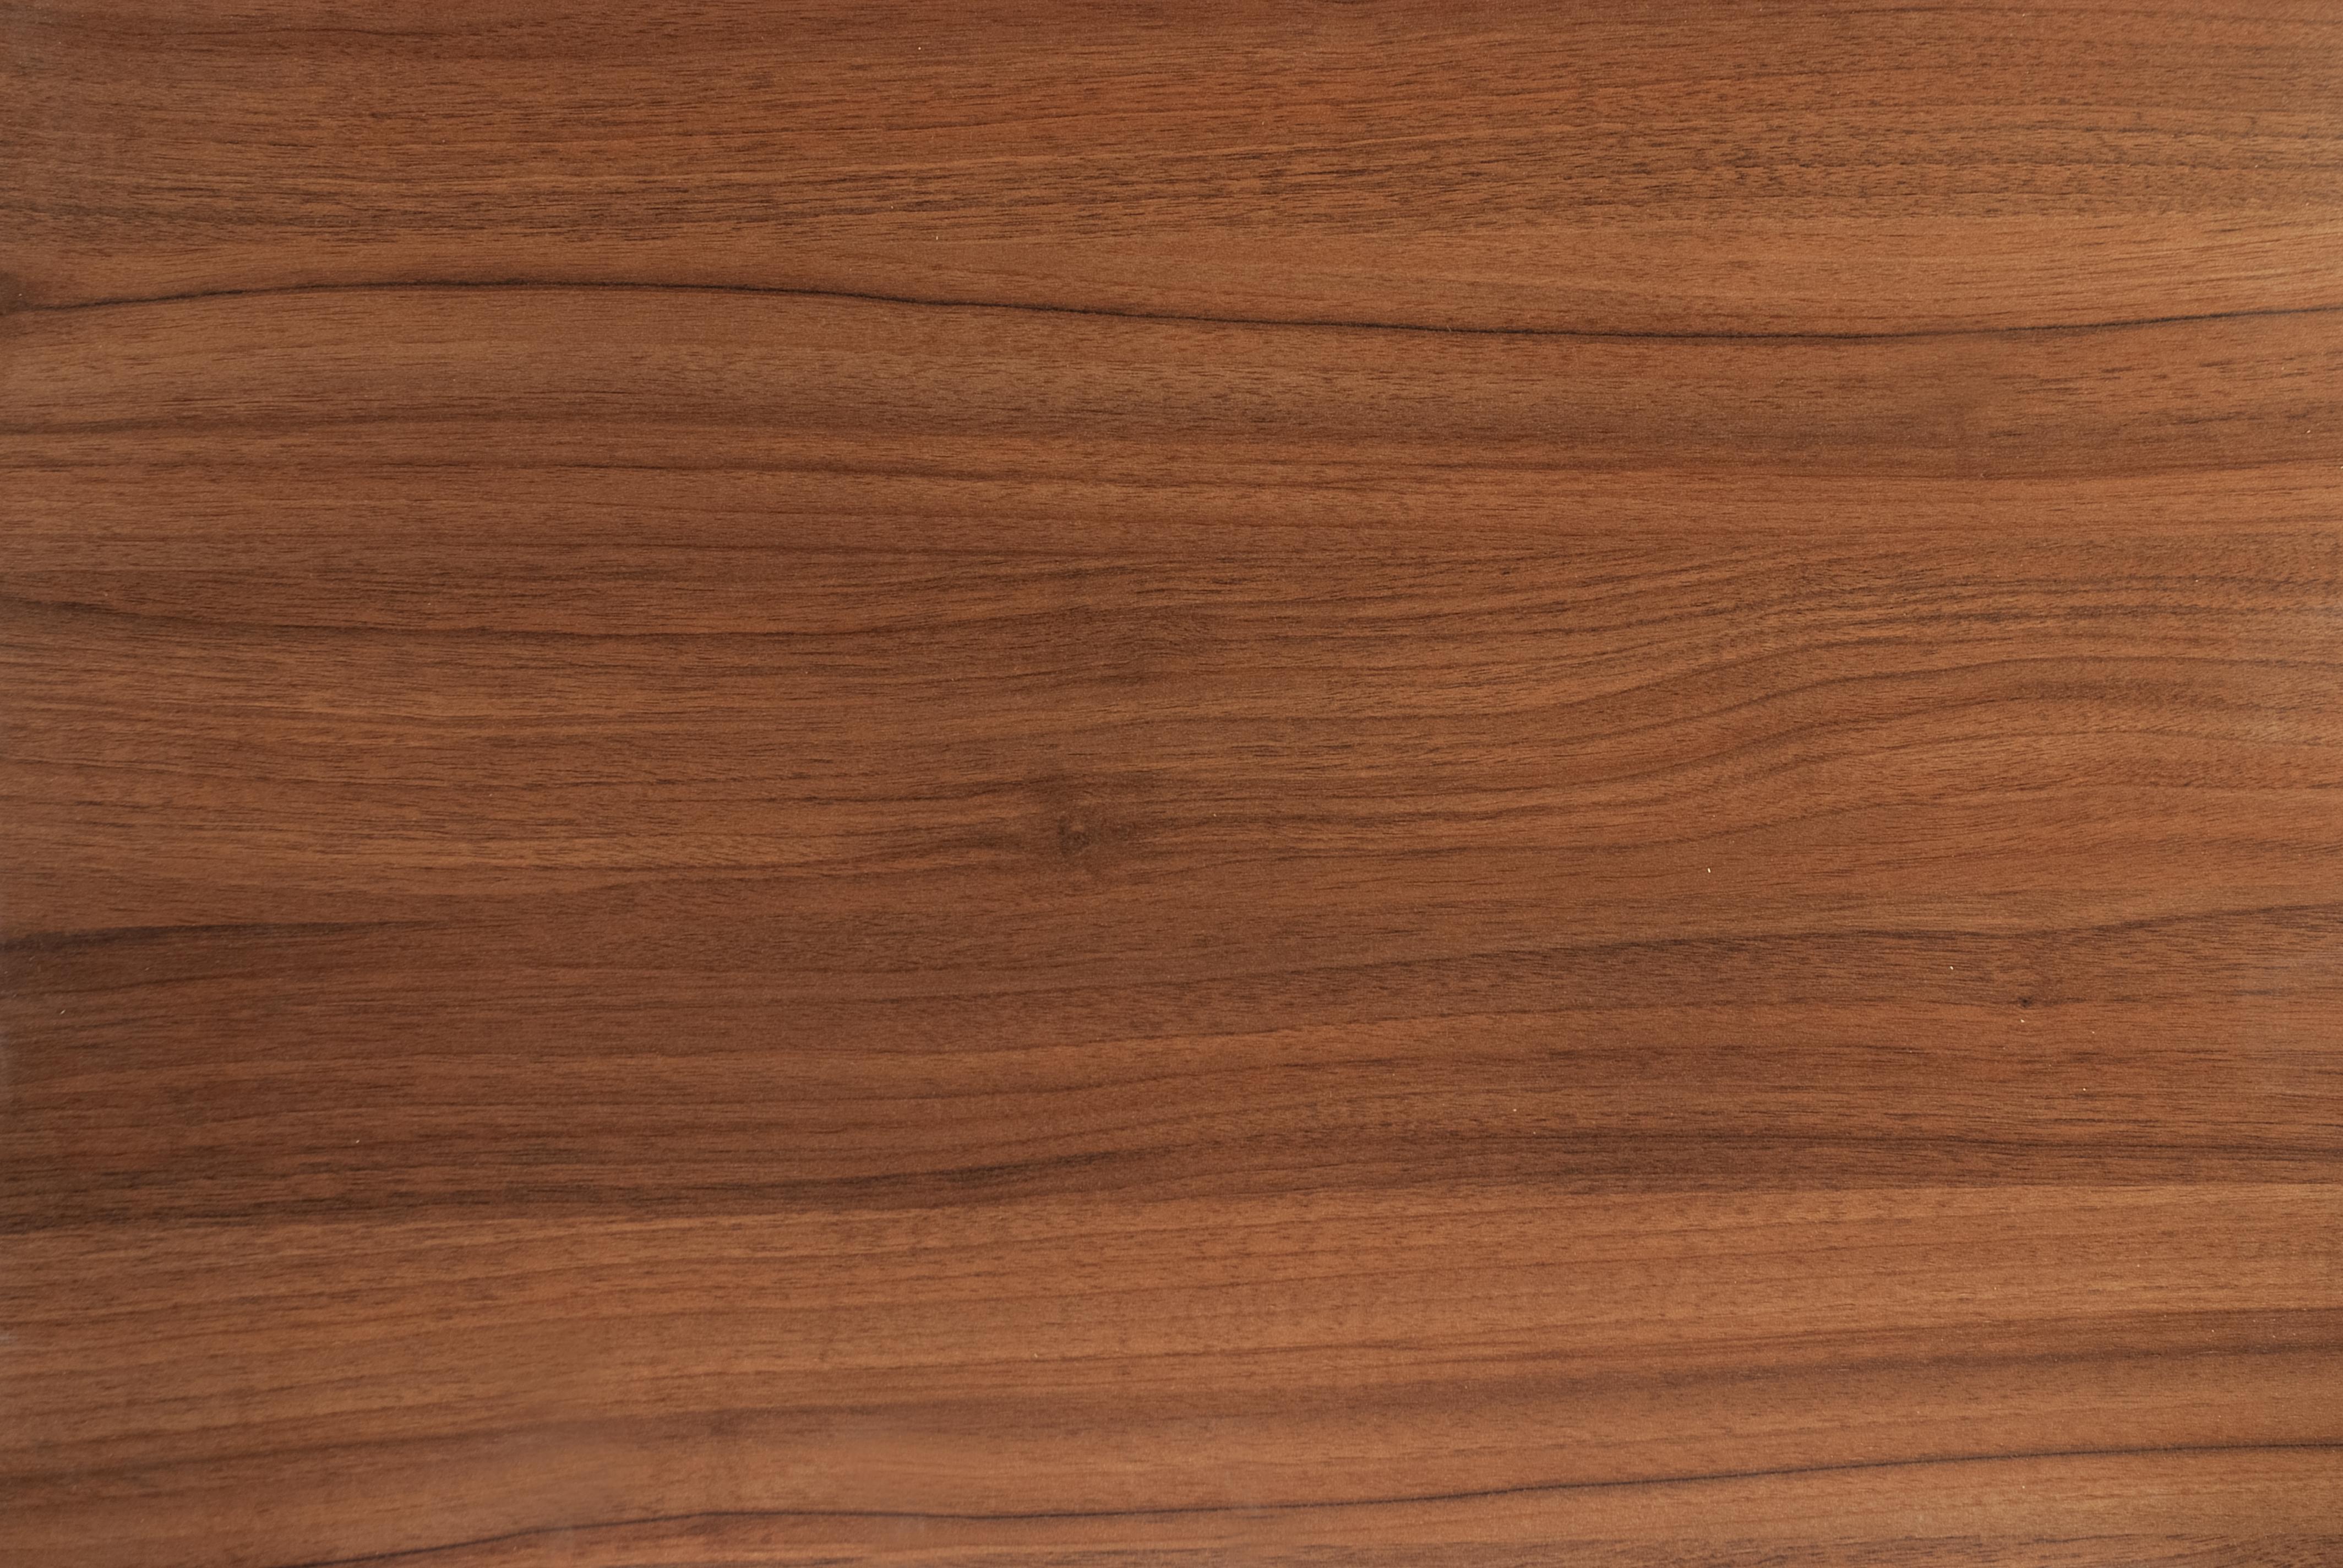 Textured Range Niemannsa